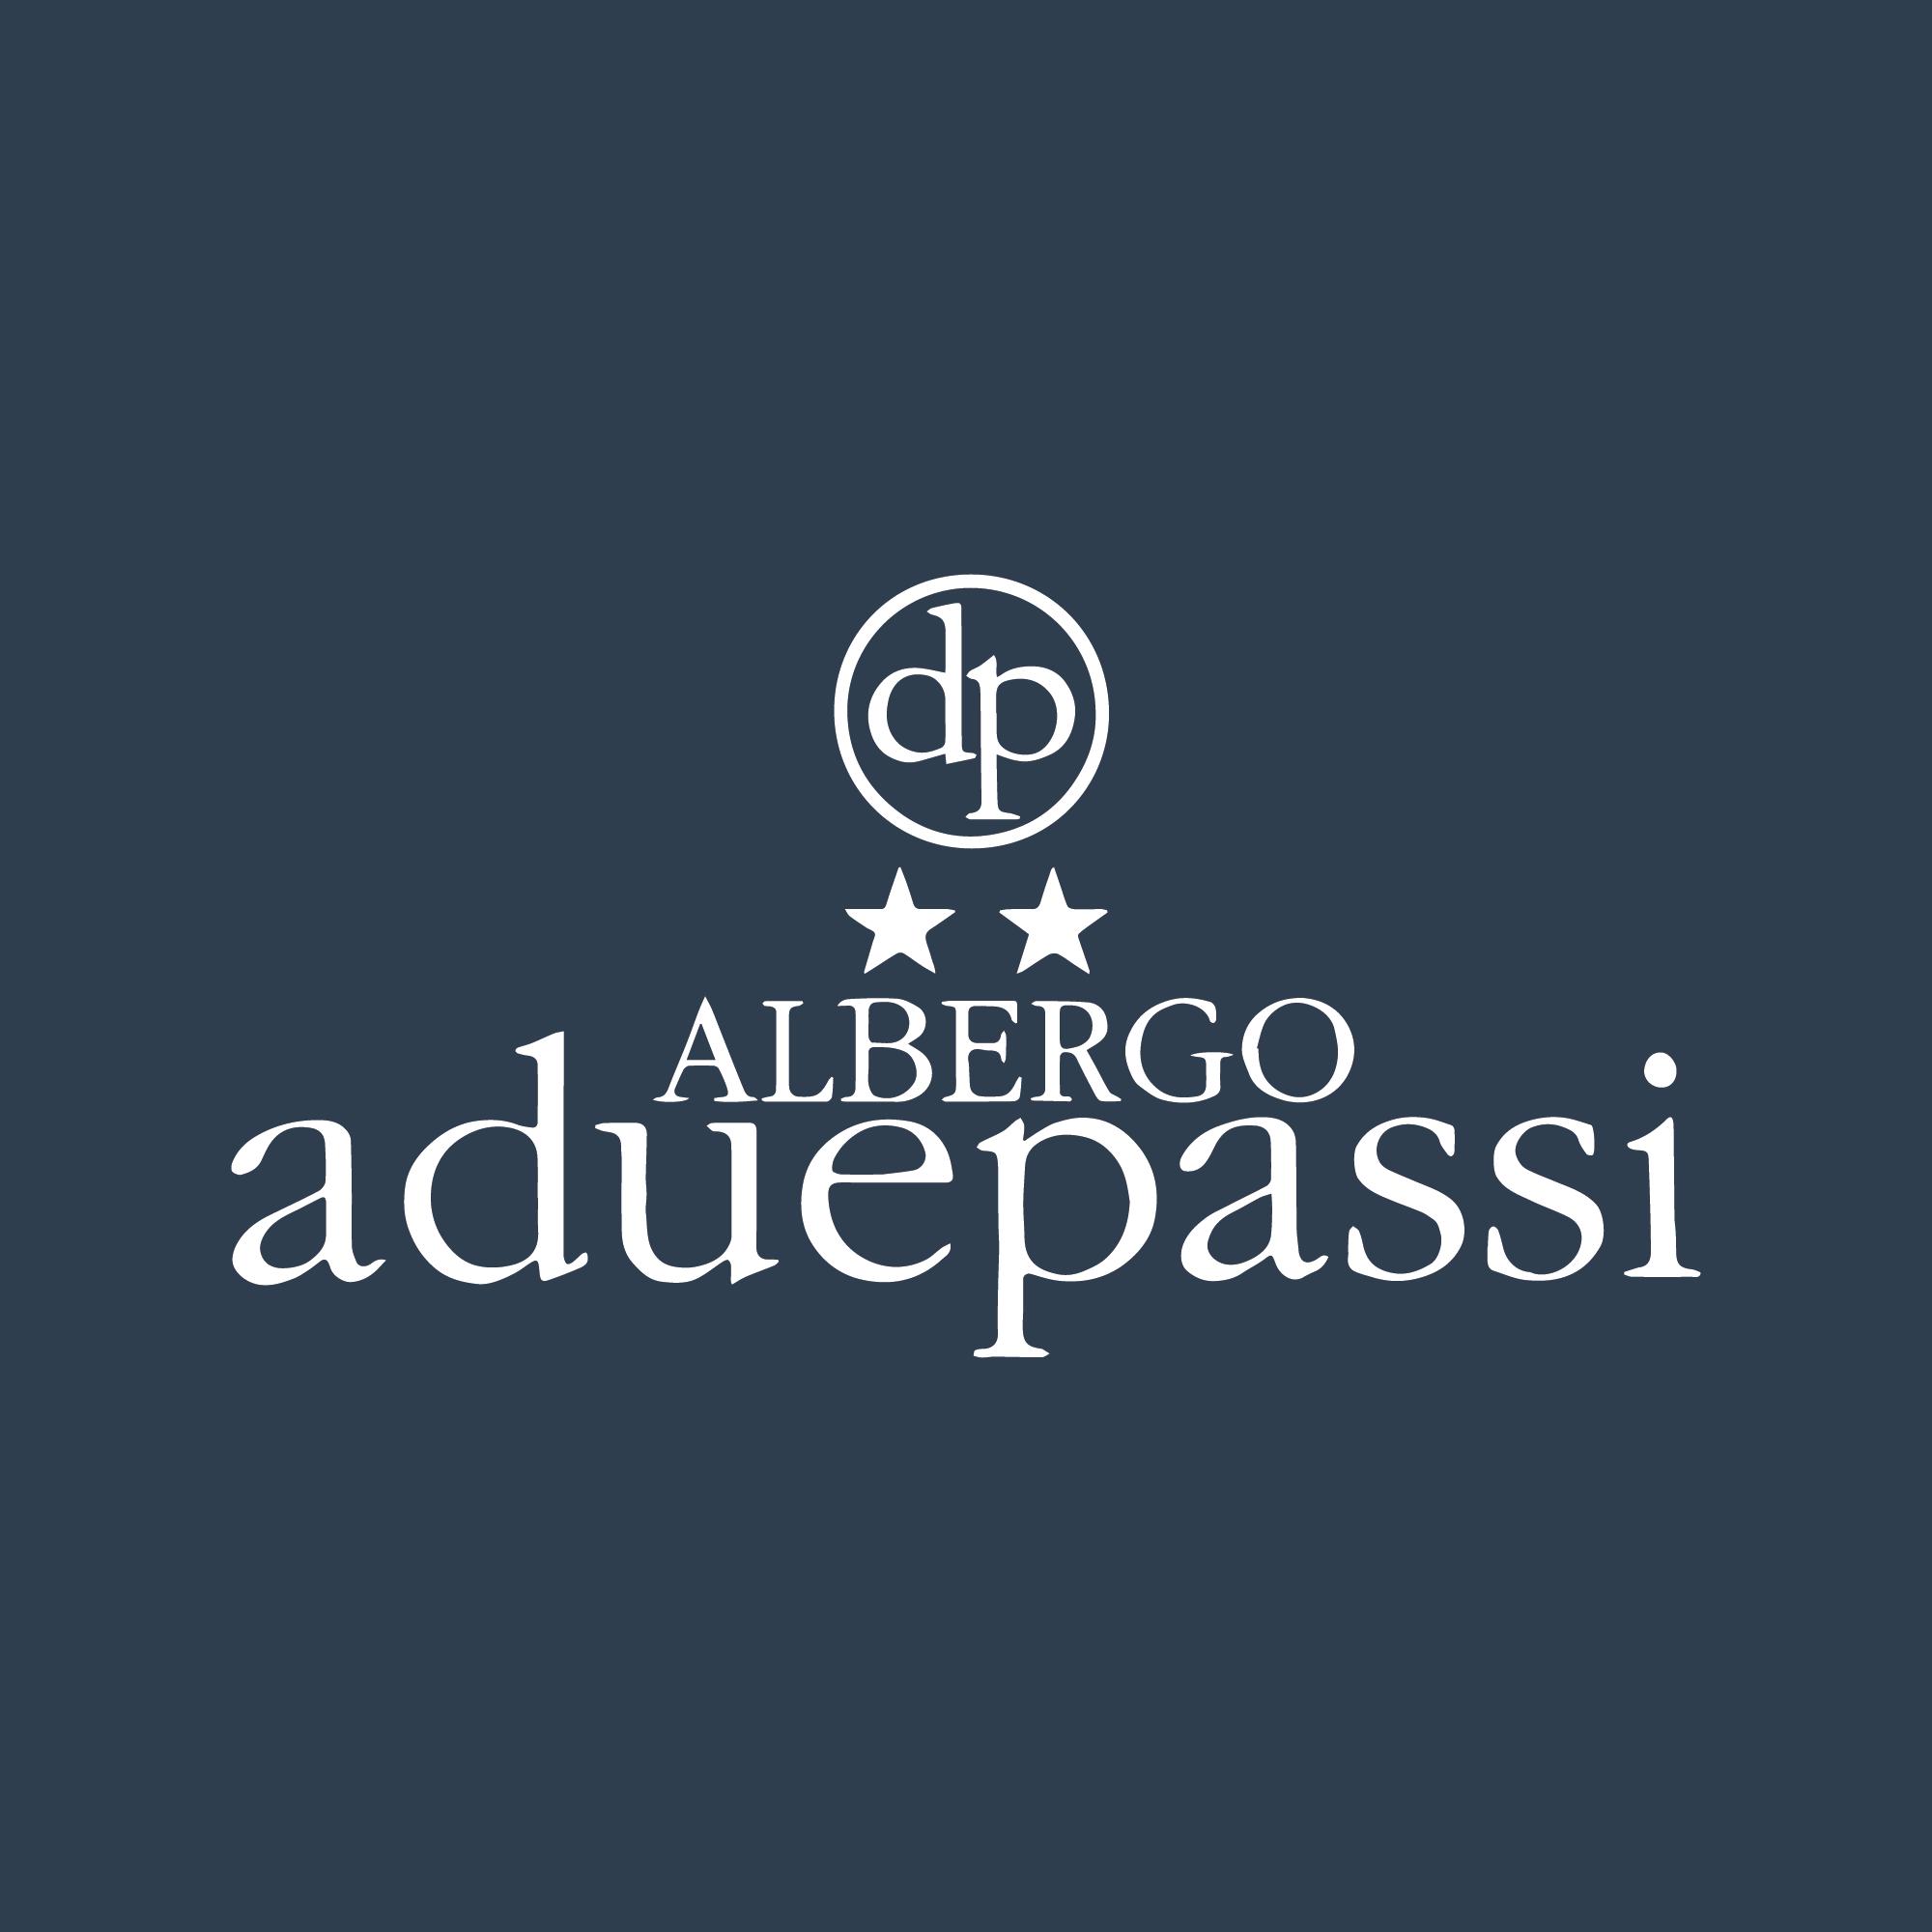 Albergoaduepassi